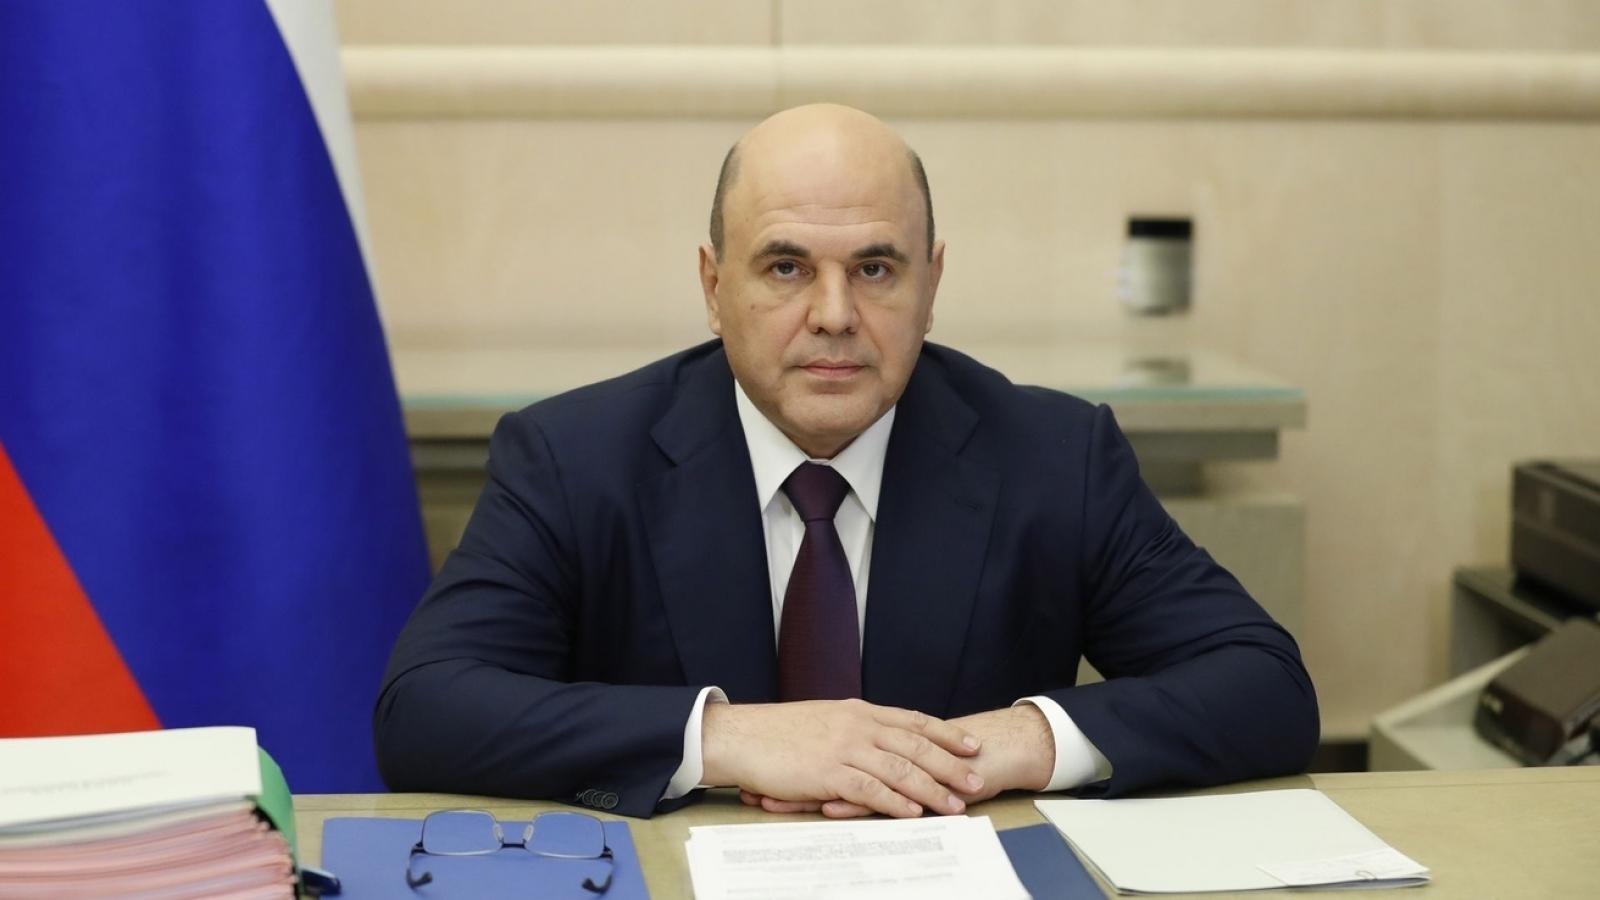 Nhìn lại những thành tựu của chính phủ mới ở Nga trong 1 năm qua